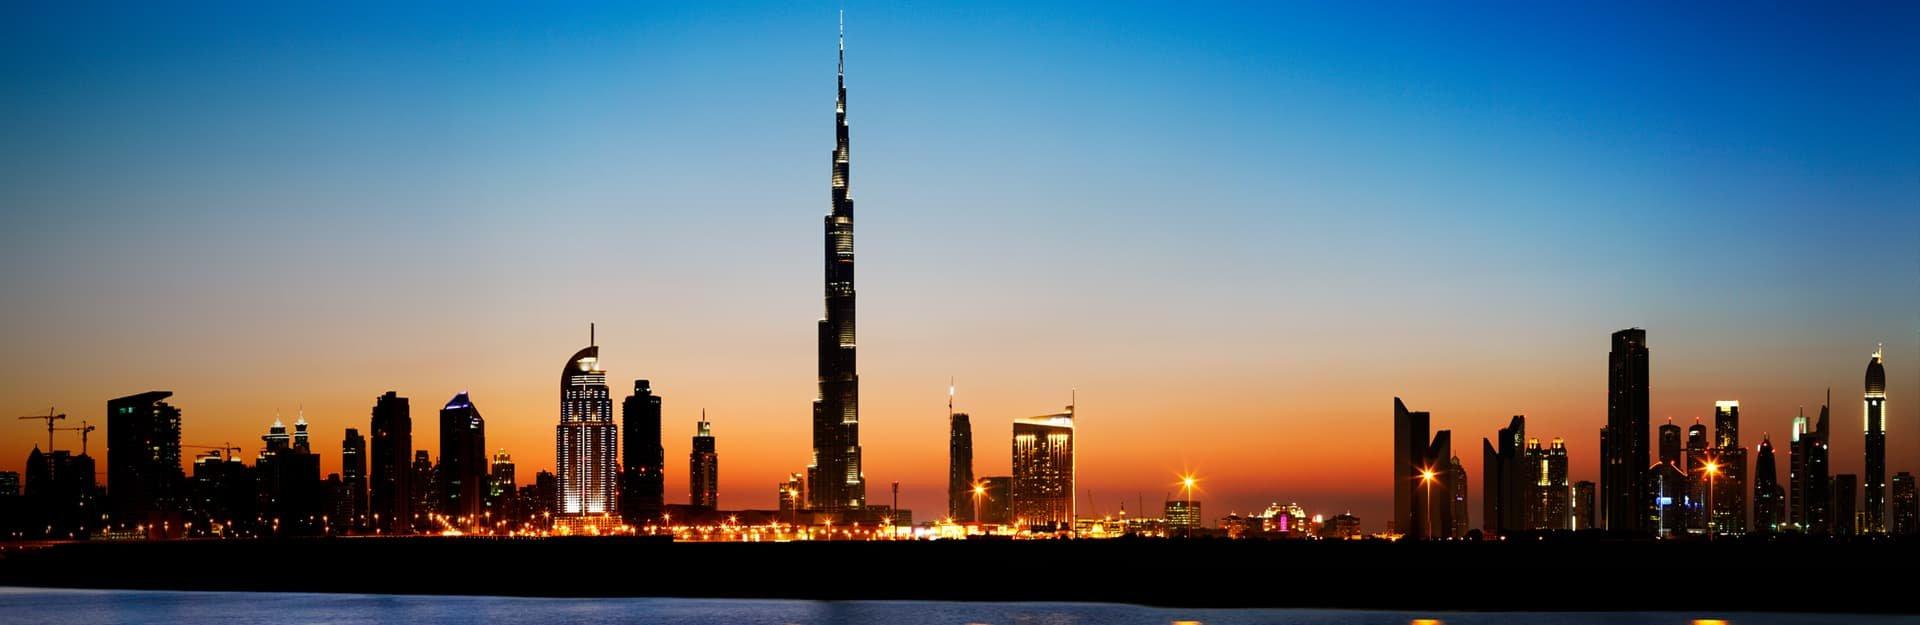 UAE - Dubai - Collection